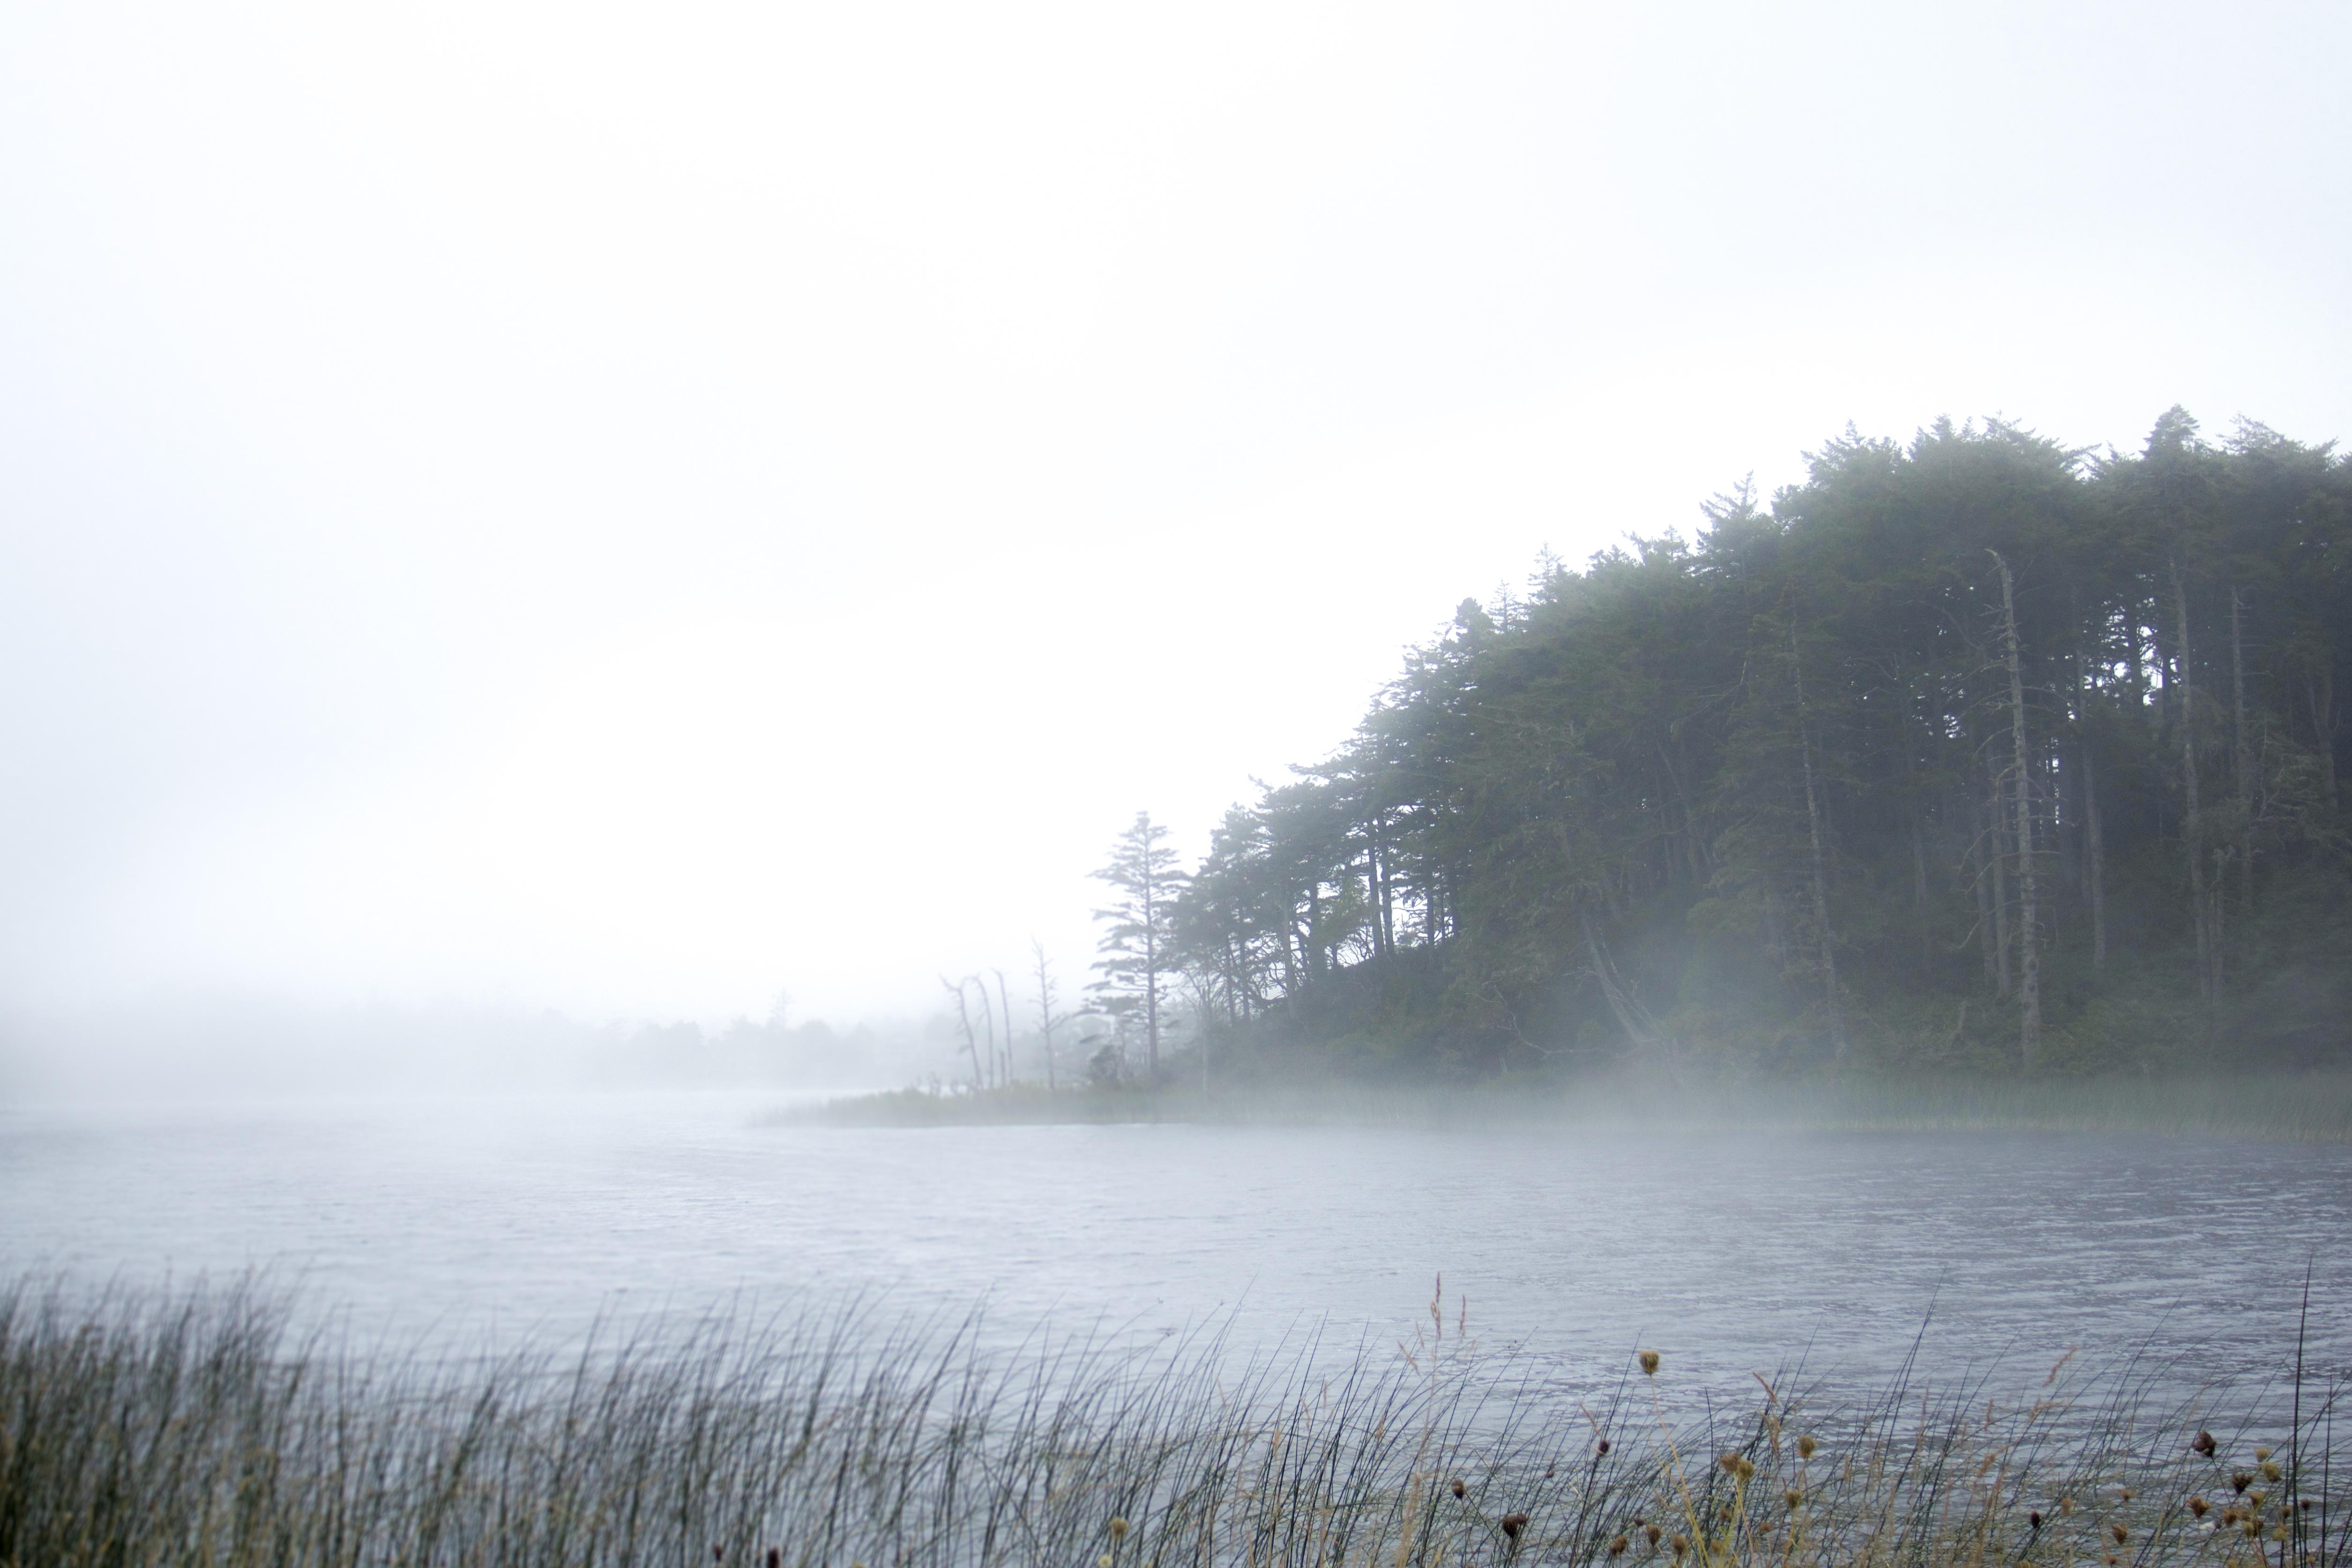 Fog on lake, oregon photo